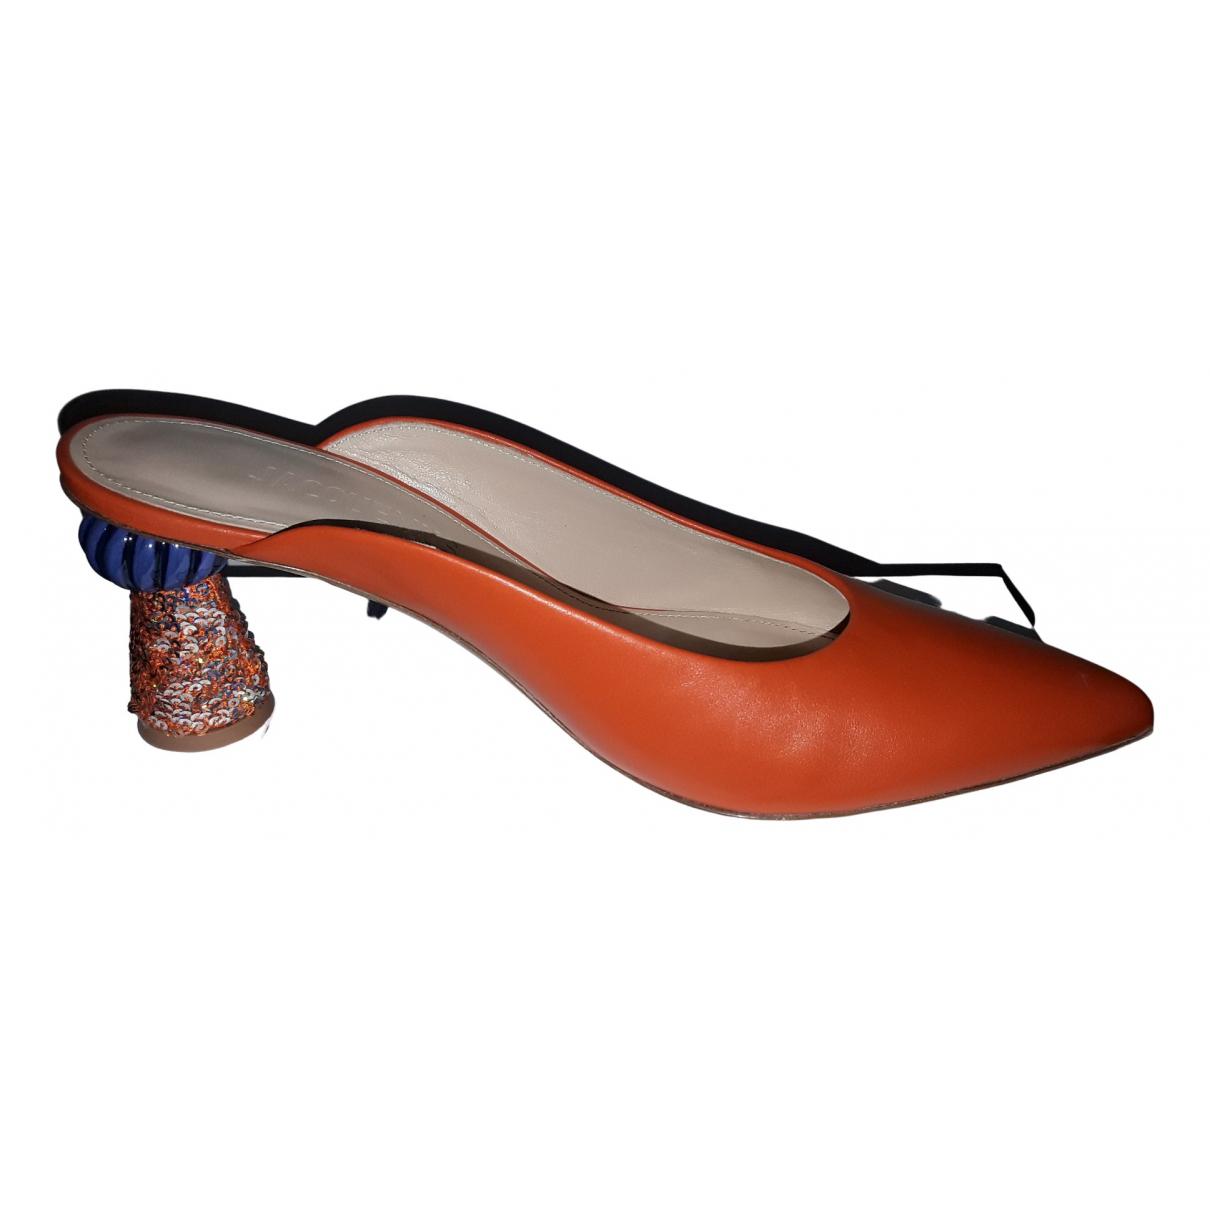 Jacquemus - Sandales   pour femme en cuir - orange